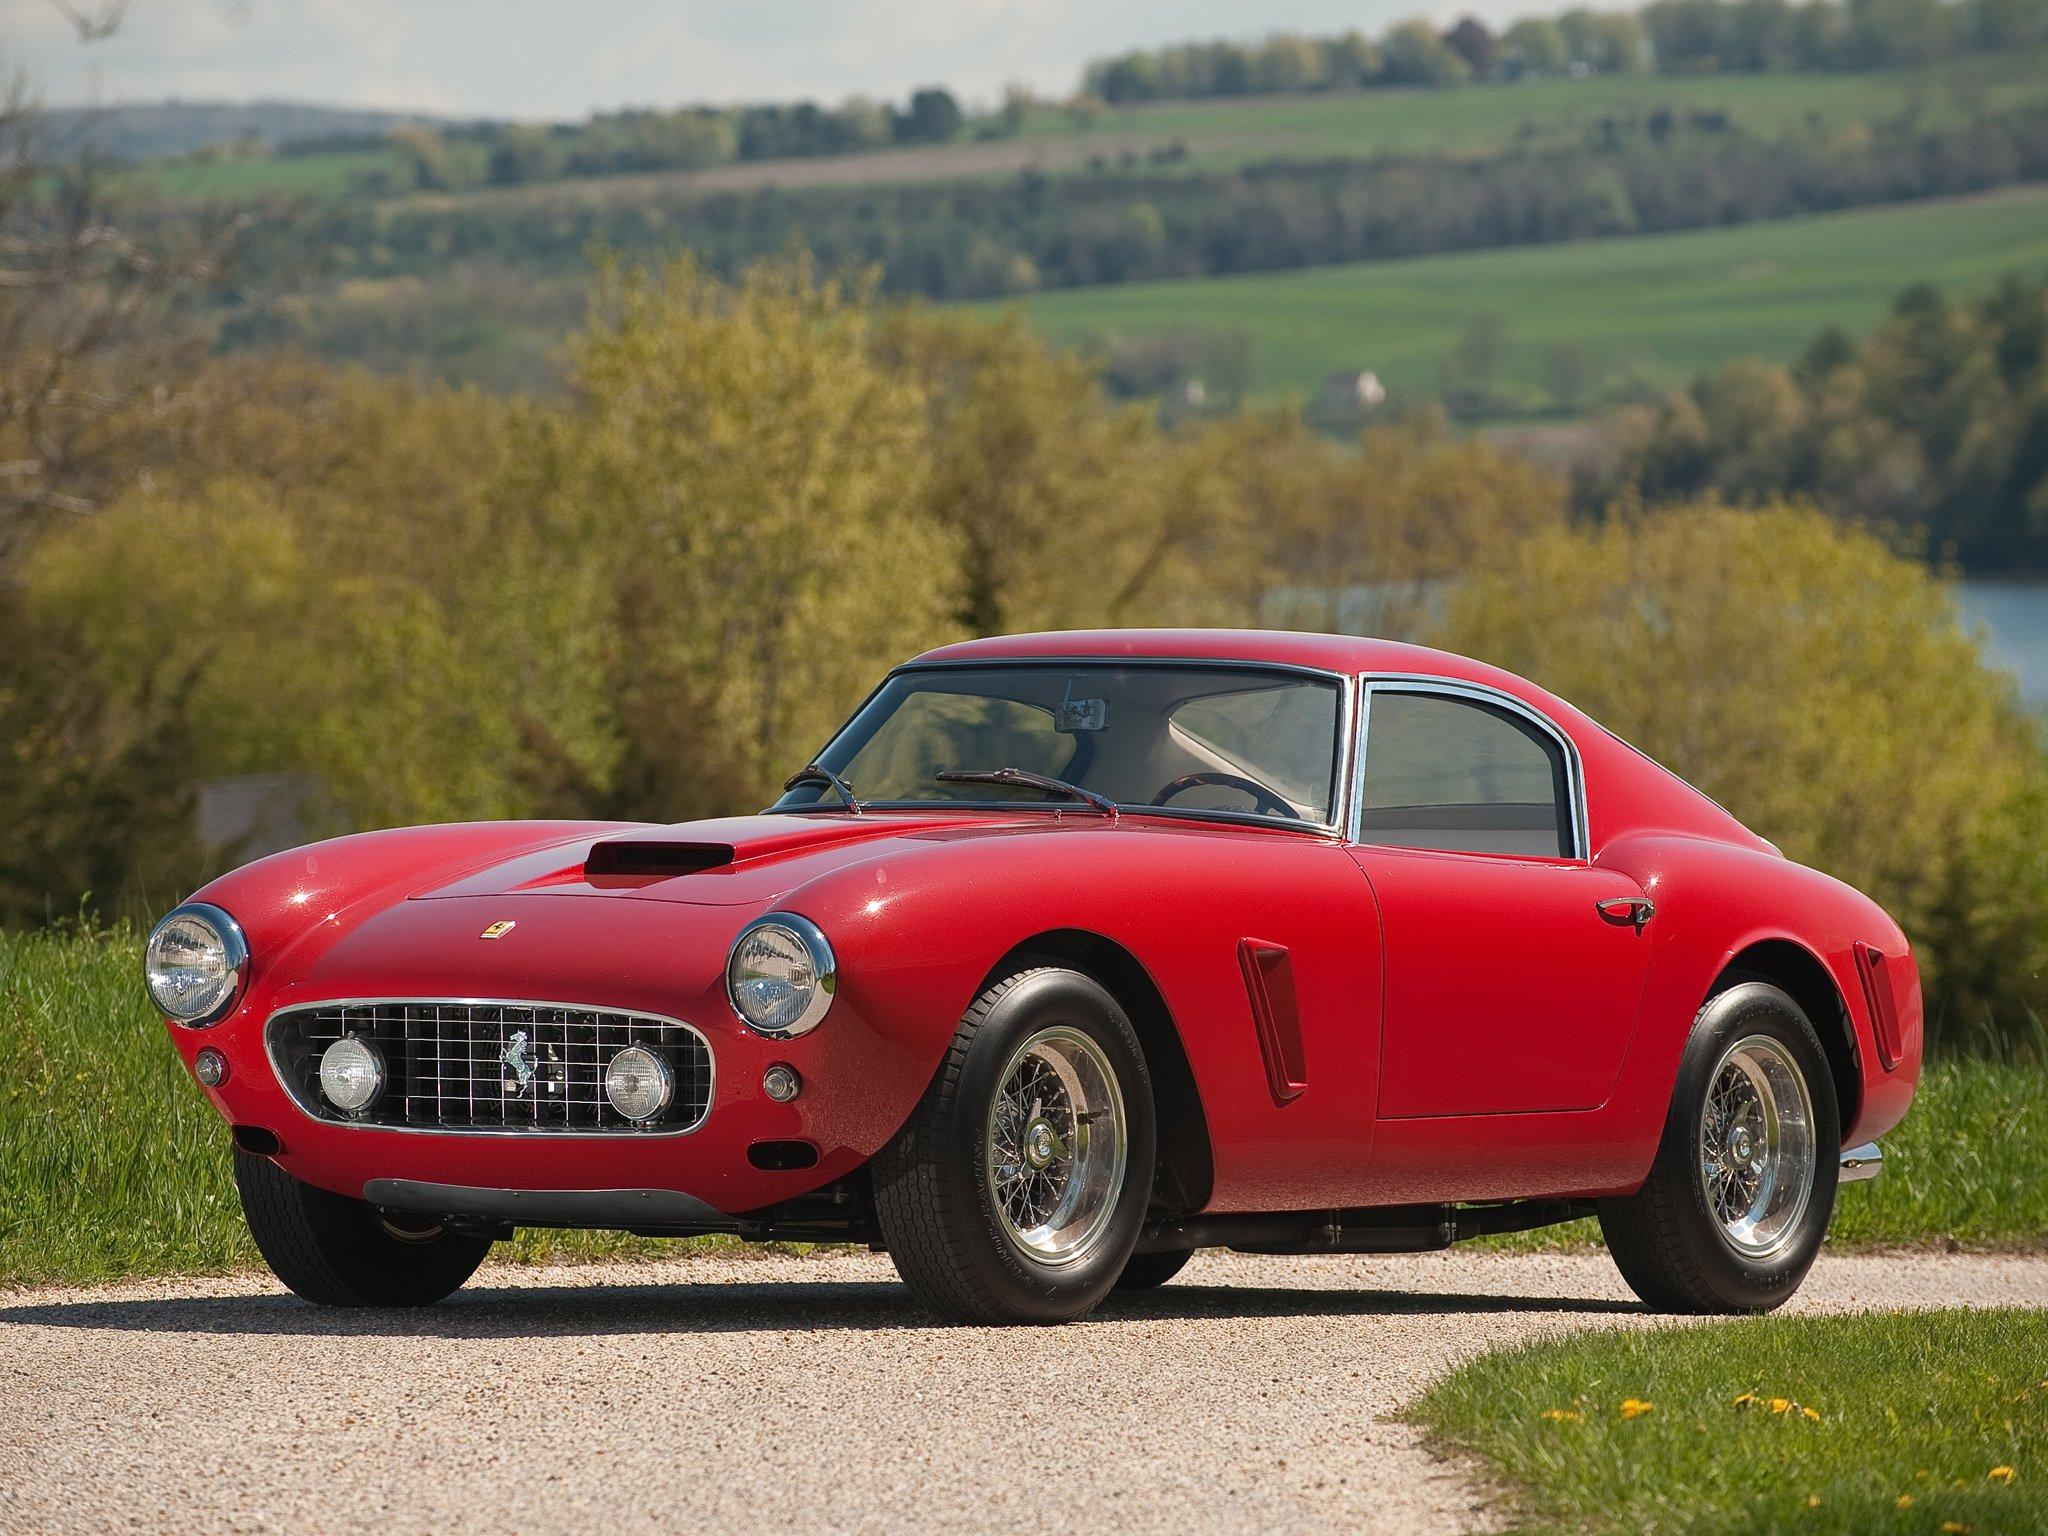 1961 Ferrari 250 G T Swb Berlinetta Xupercar Classic E Wallpaper 2048x1536 384871 Wallpaperup